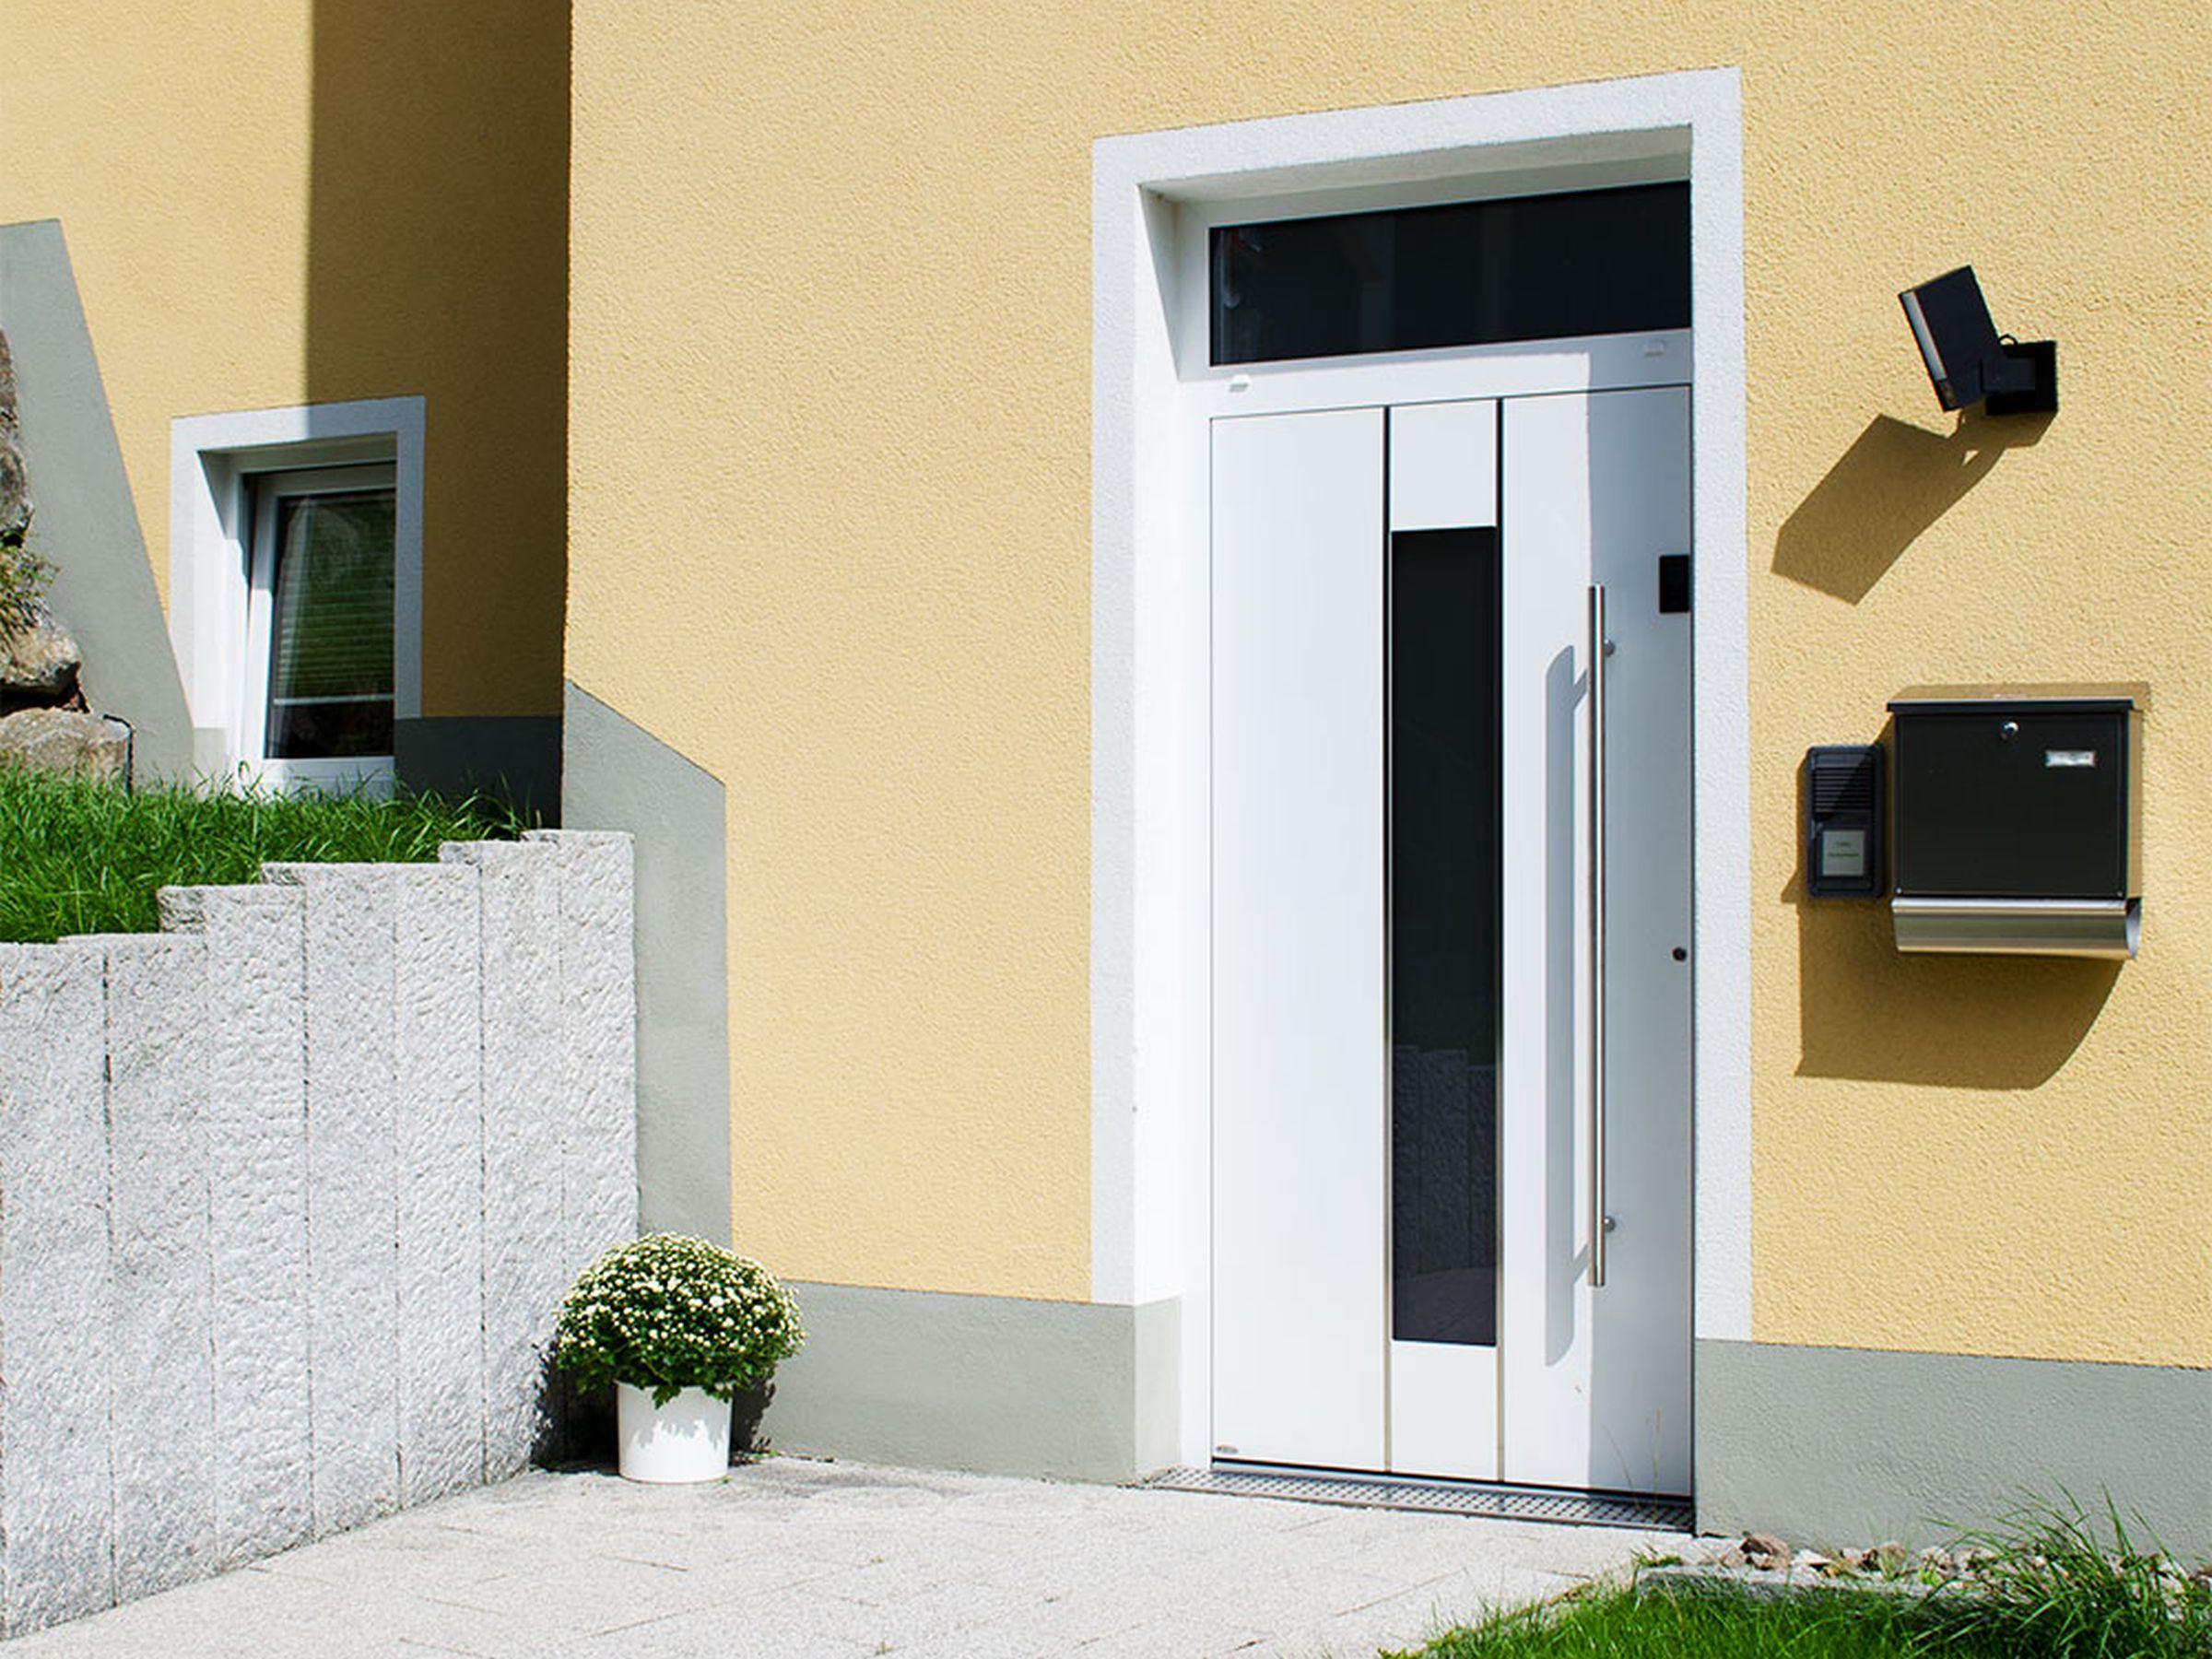 Ferienwohnung FeWo Furtwangen, (Furtwangen). Ferienwohnung, 50qm, Terrasse, Wohn- / Schlafzimmer (2720015), Furtwangen, Schwarzwald, Baden-Württemberg, Deutschland, Bild 3